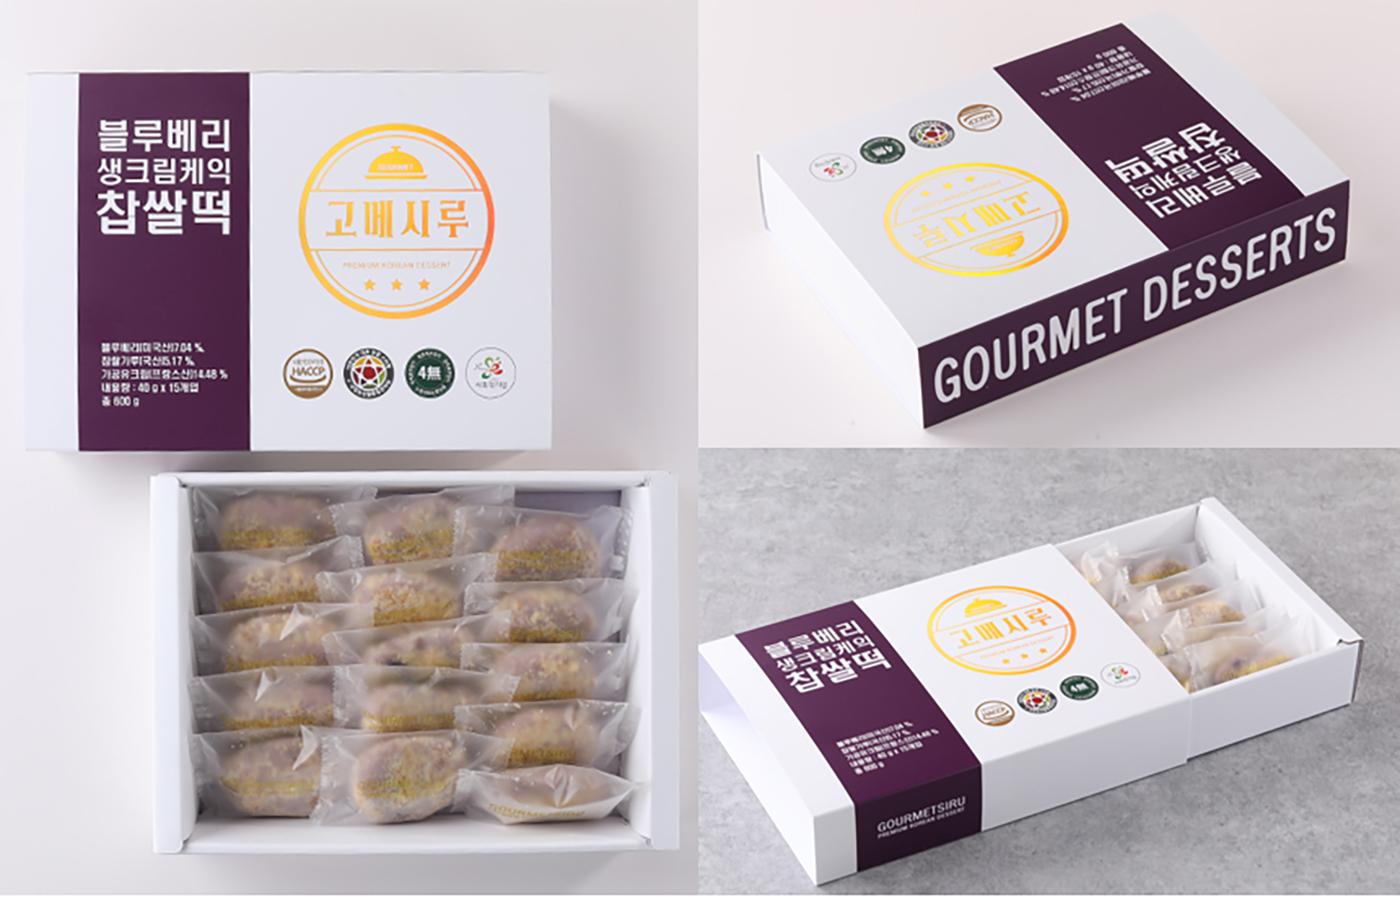 굳지 않는 블루베리 생크림 케익 모찌 찹쌀떡 (15입) 상세이미지11